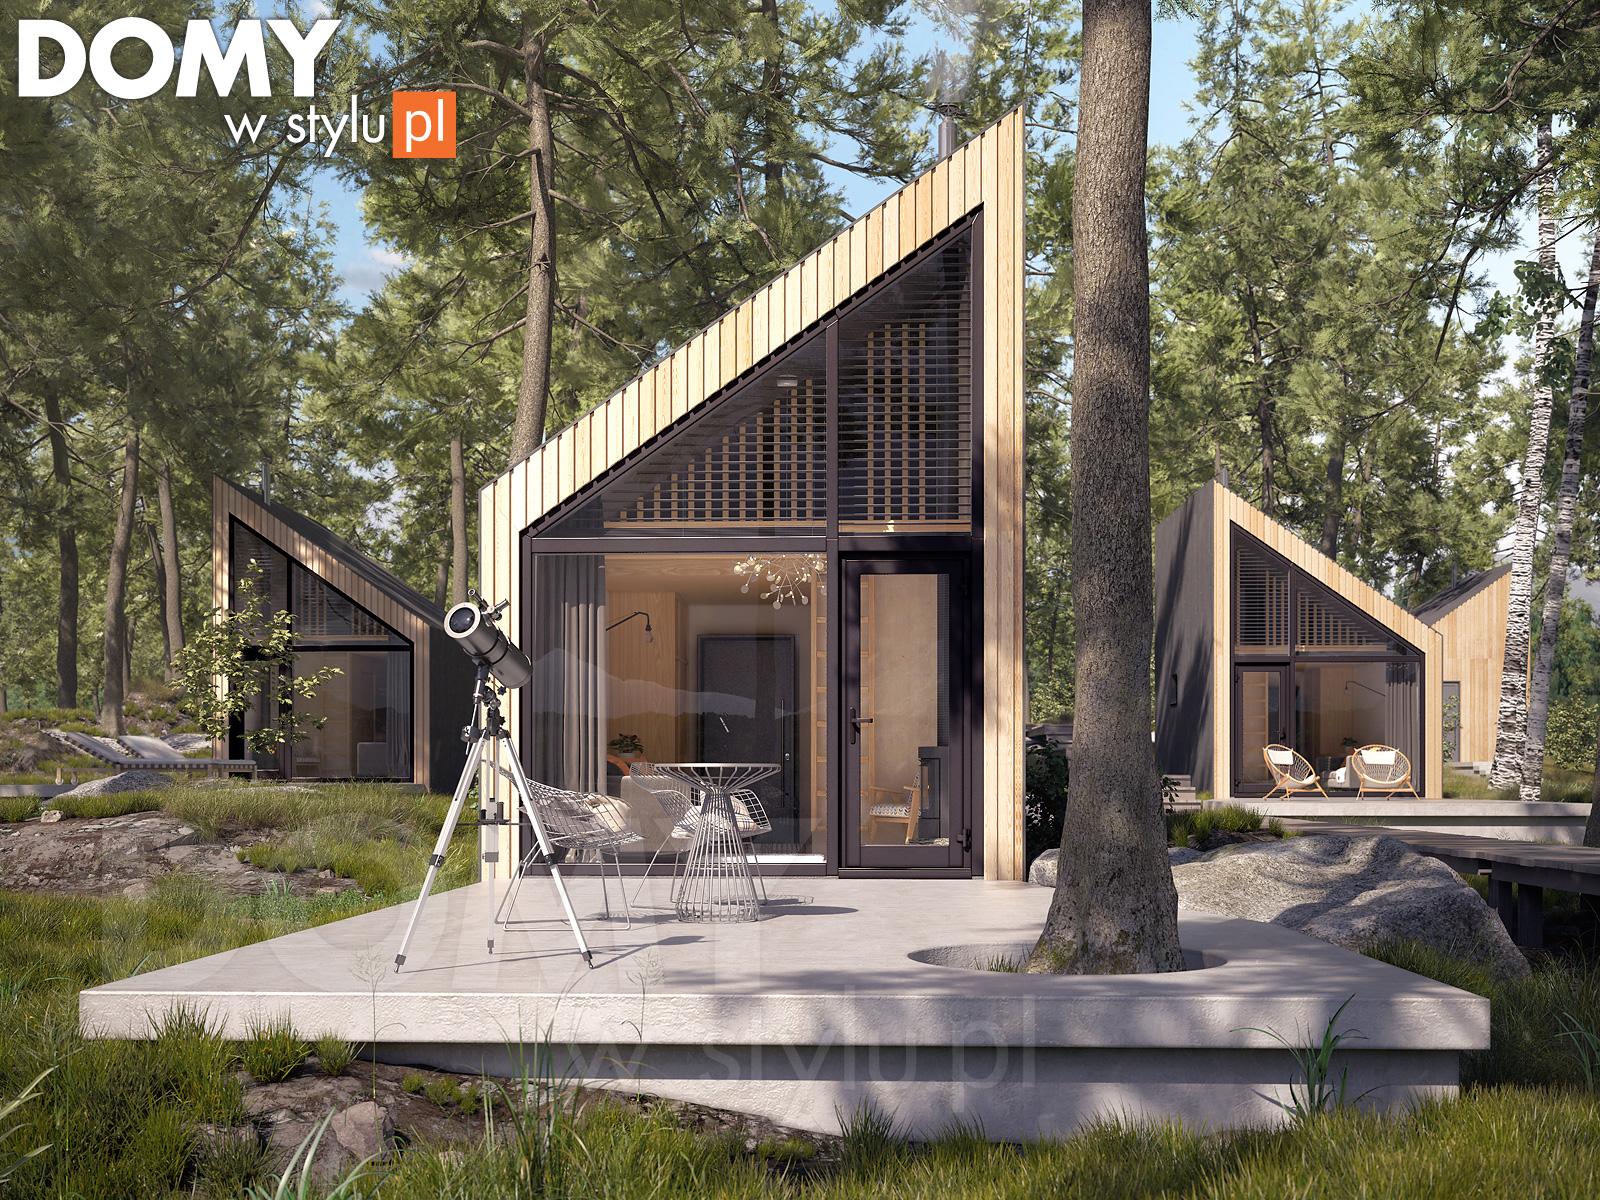 Projekty domów szkieletowych – co charakteryzuje takie domy?